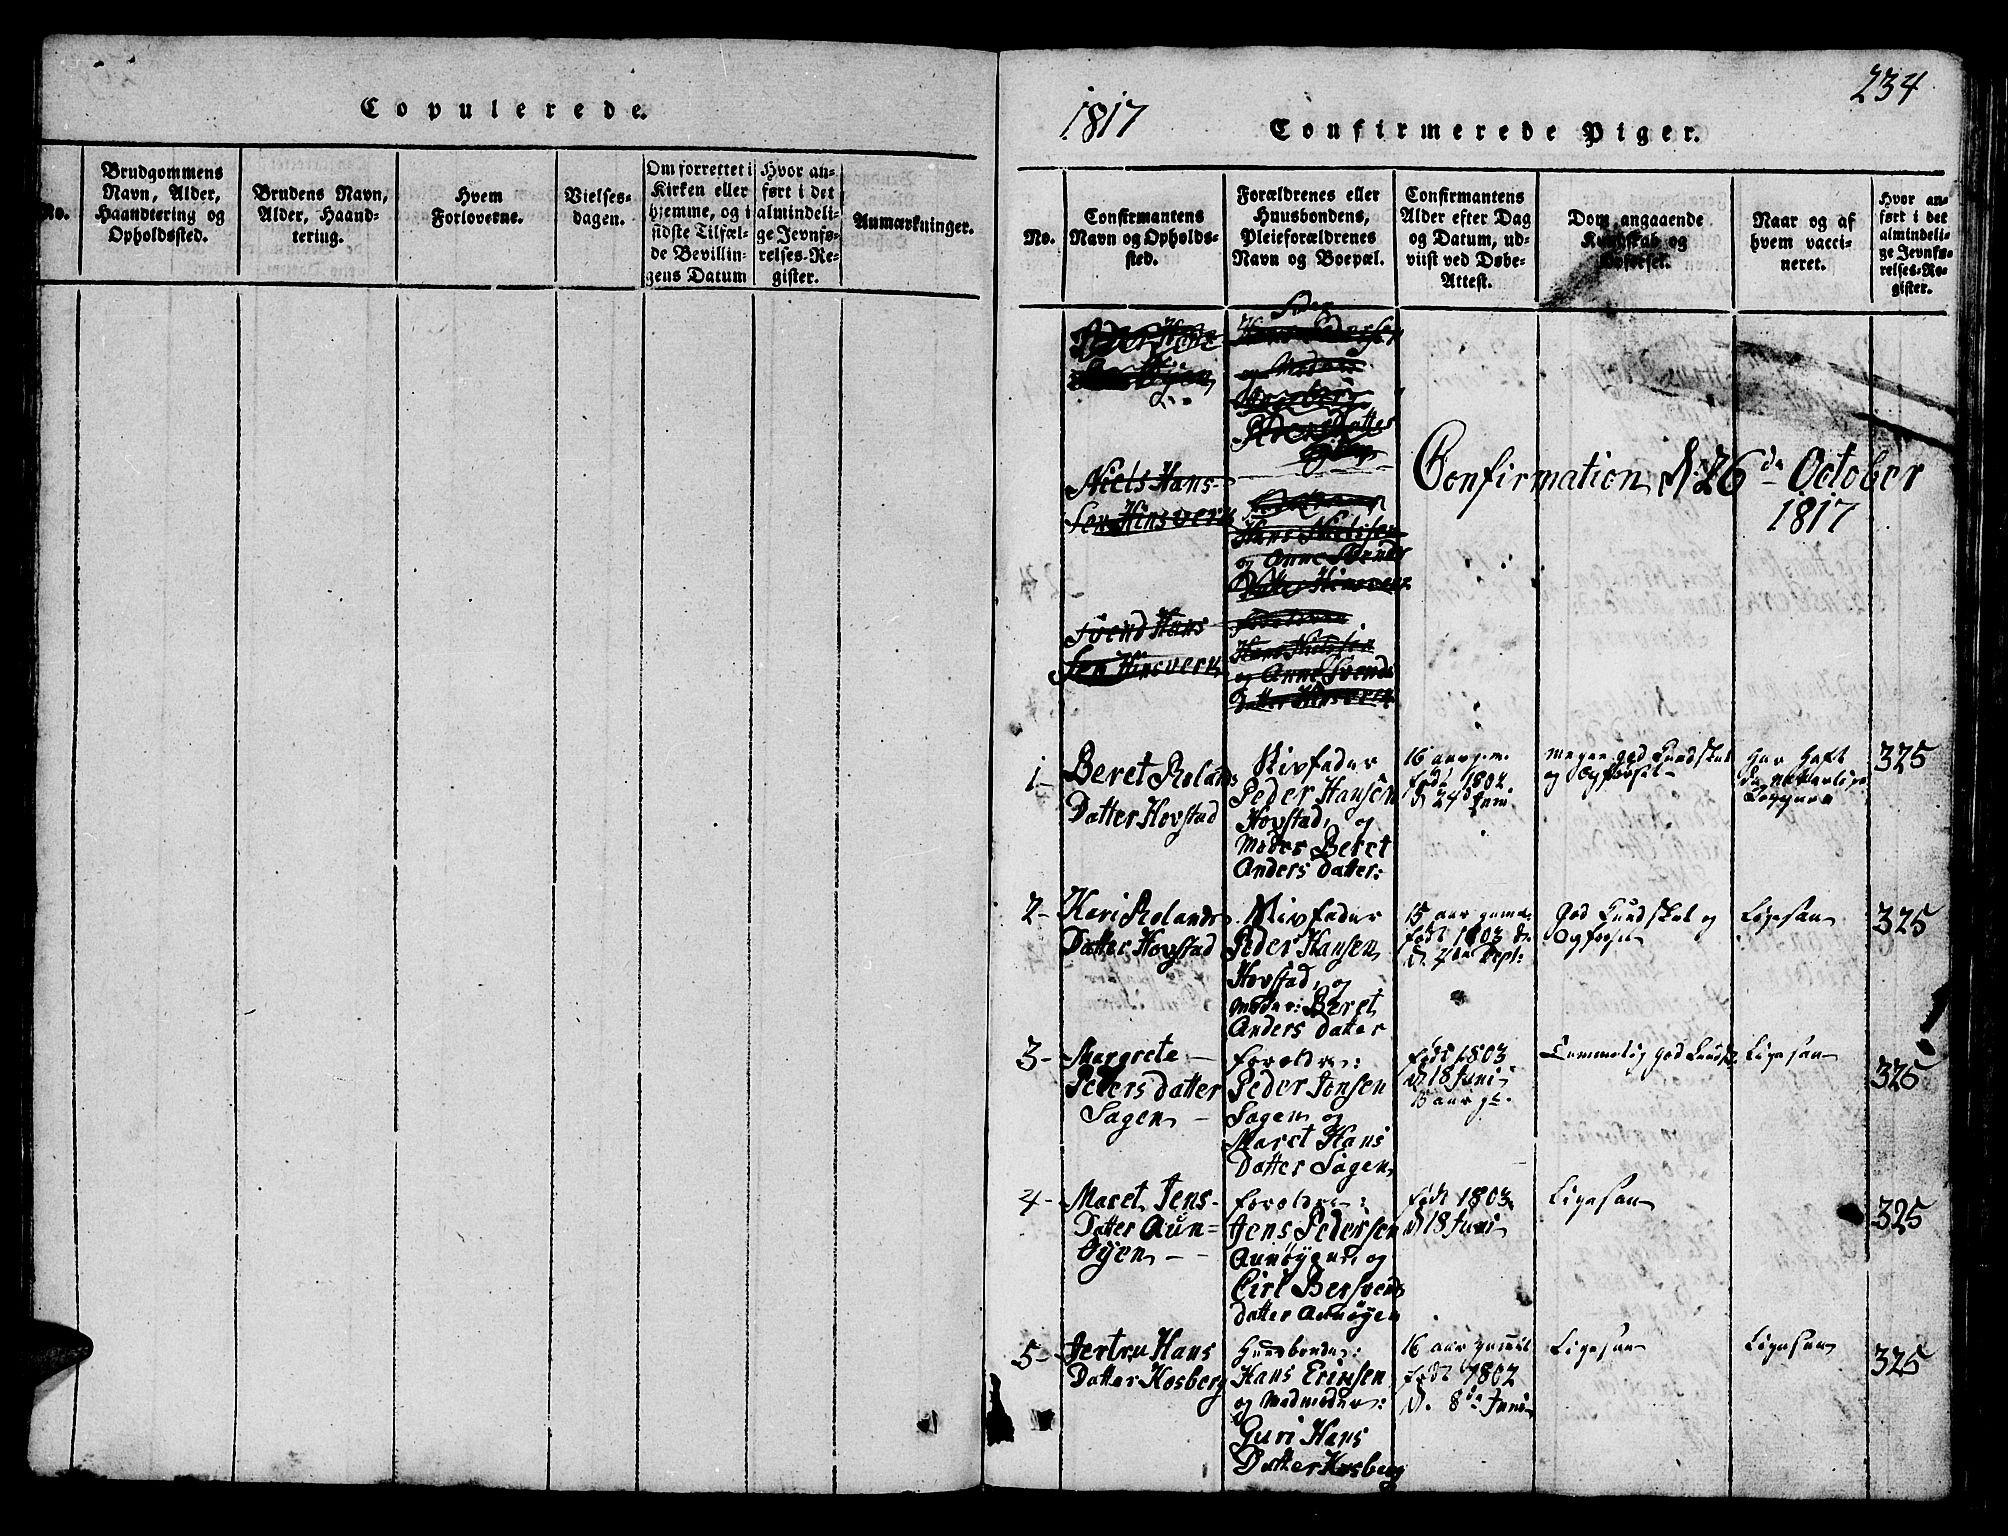 SAT, Ministerialprotokoller, klokkerbøker og fødselsregistre - Sør-Trøndelag, 688/L1026: Klokkerbok nr. 688C01, 1817-1860, s. 234